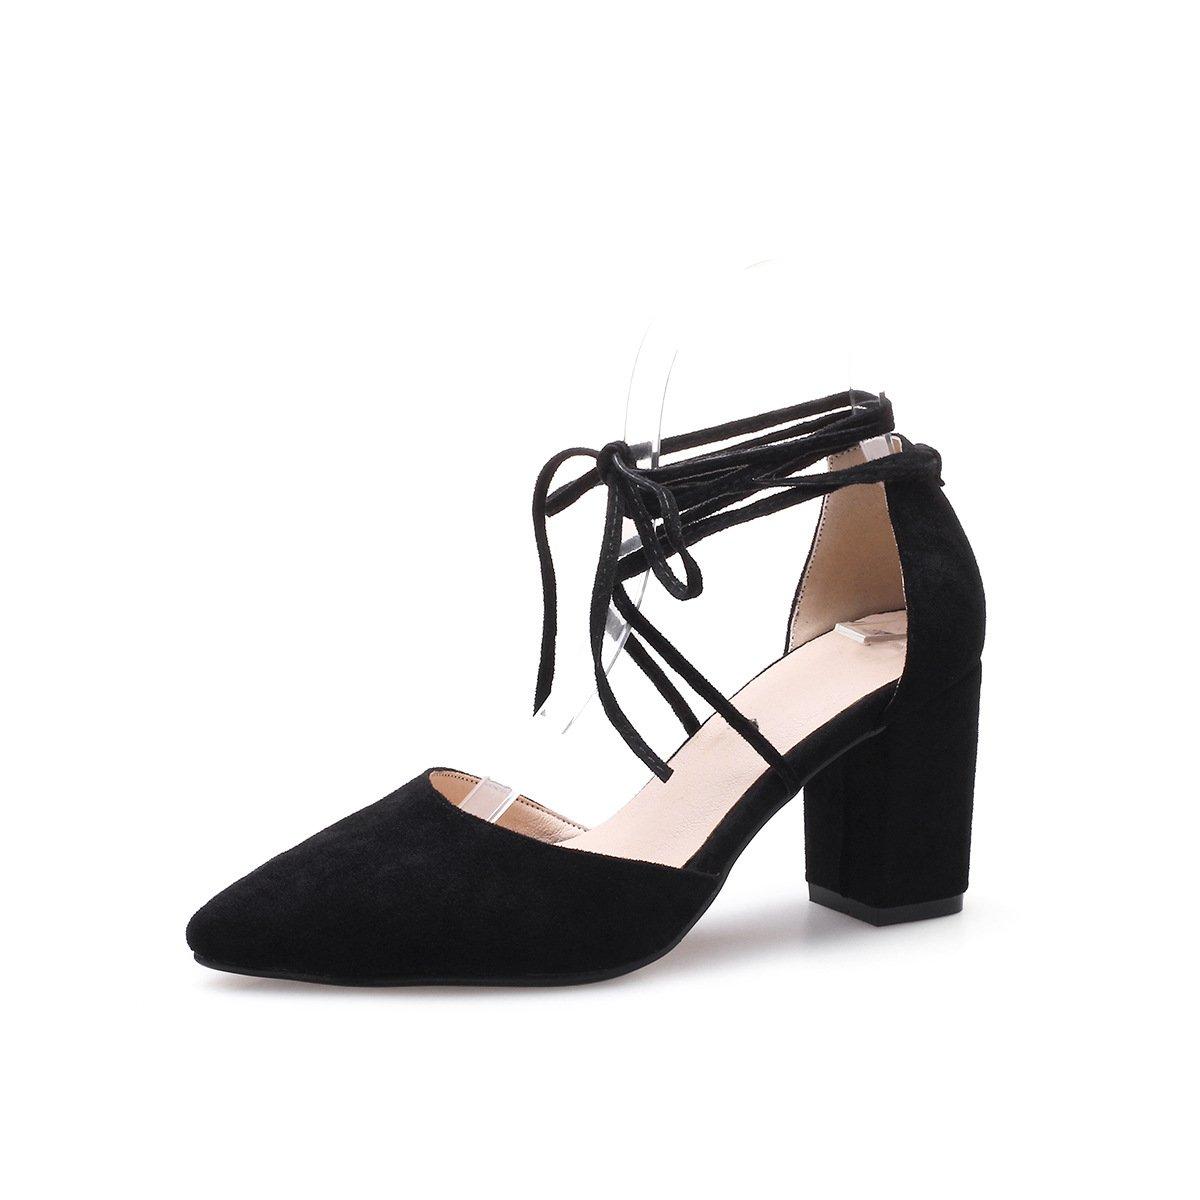 Unbekannt Damen Sandalen Spitzen Flachen Flachen Flachen Mund Dick mit Knöchelriemchen Reine Farbe High Heels Schwarz 39 d06a8c